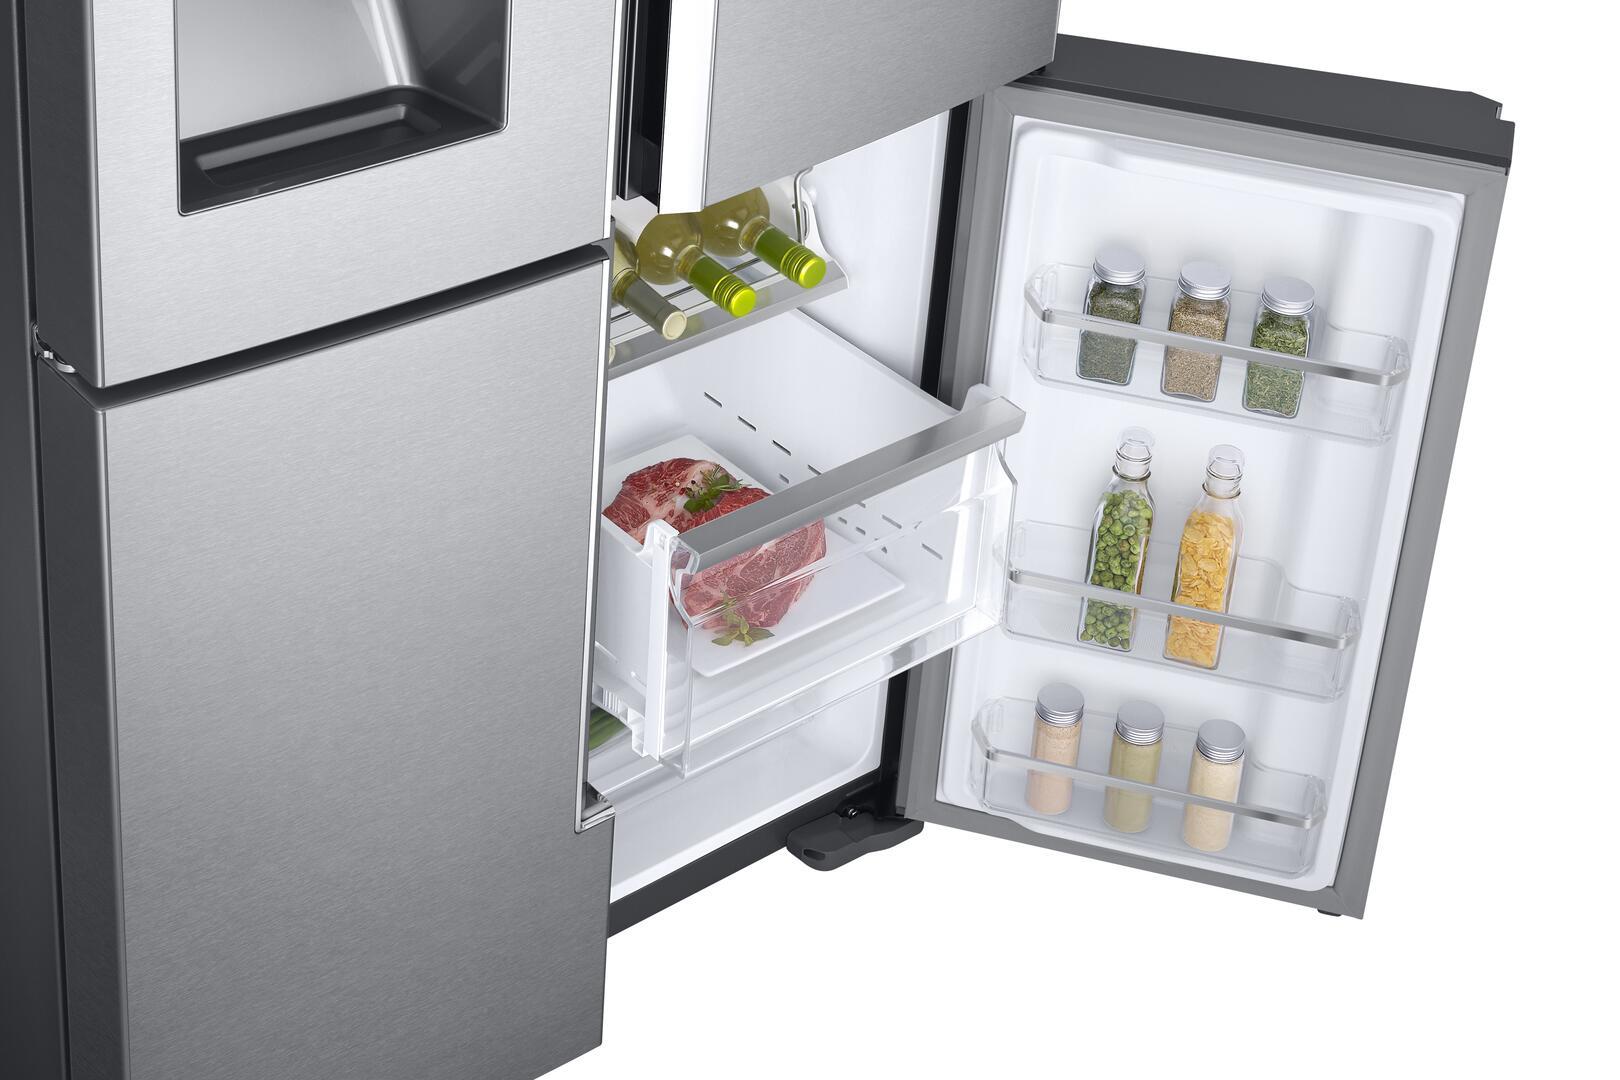 Samsung RF28K9380SR 36 Inch 4 Door French Door Refrigerator with ...